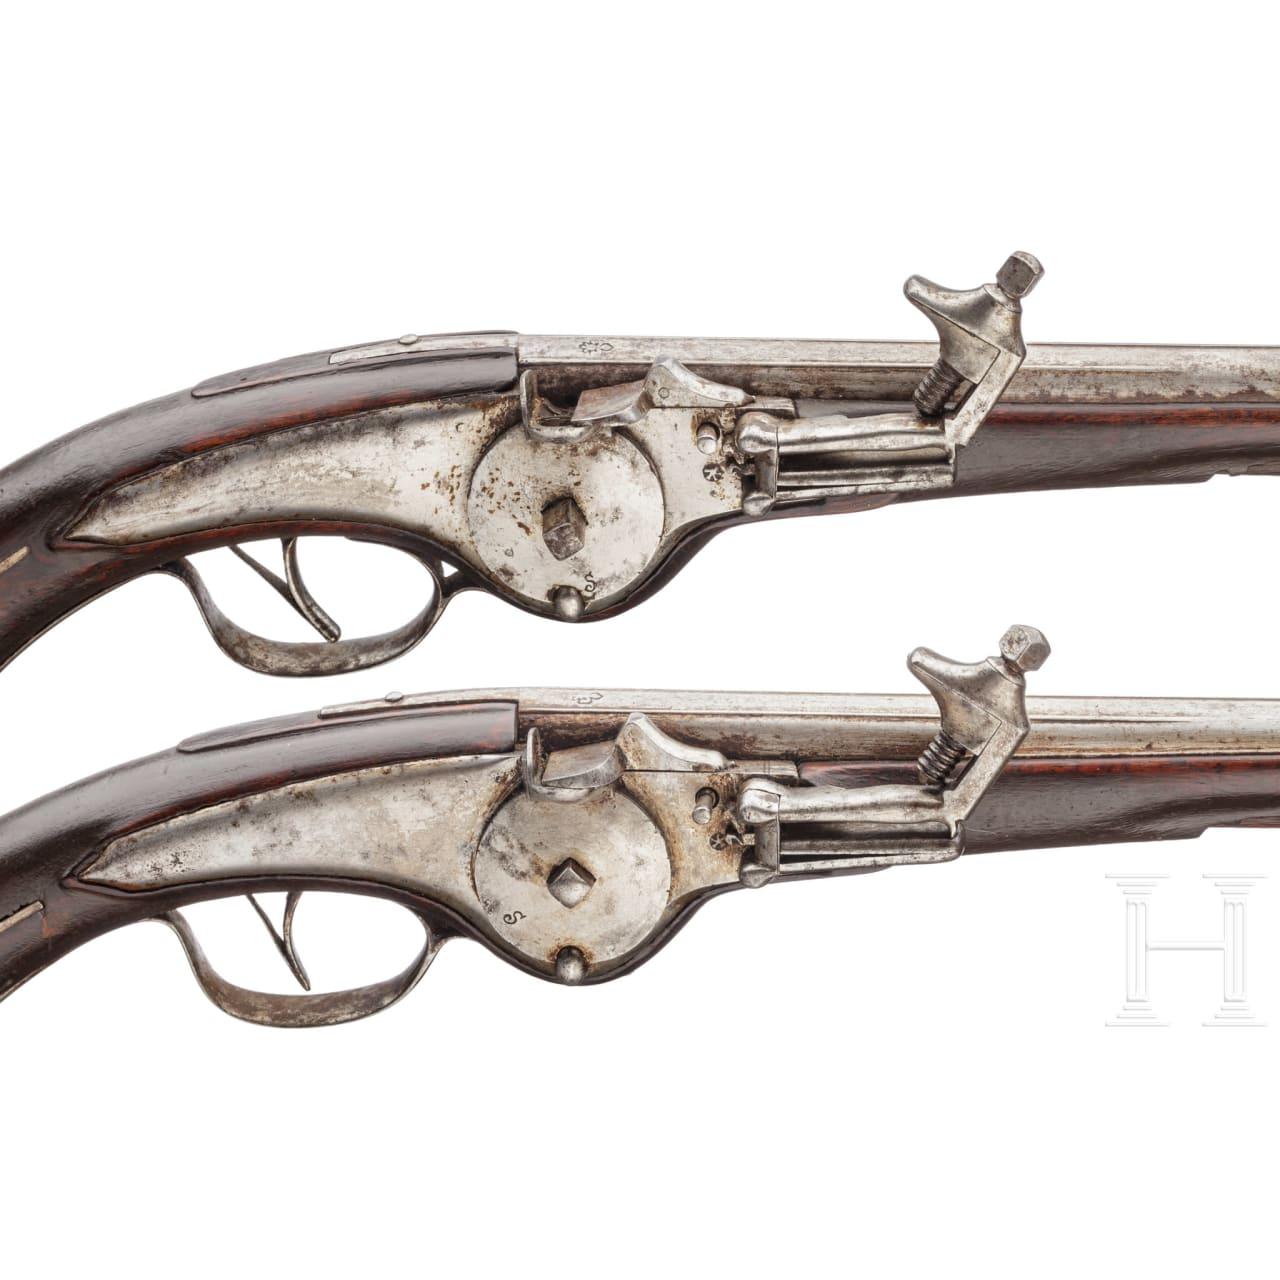 Ein Paar militärische Radschlosspistolen, norddeutsch oder flämisch, um 1650